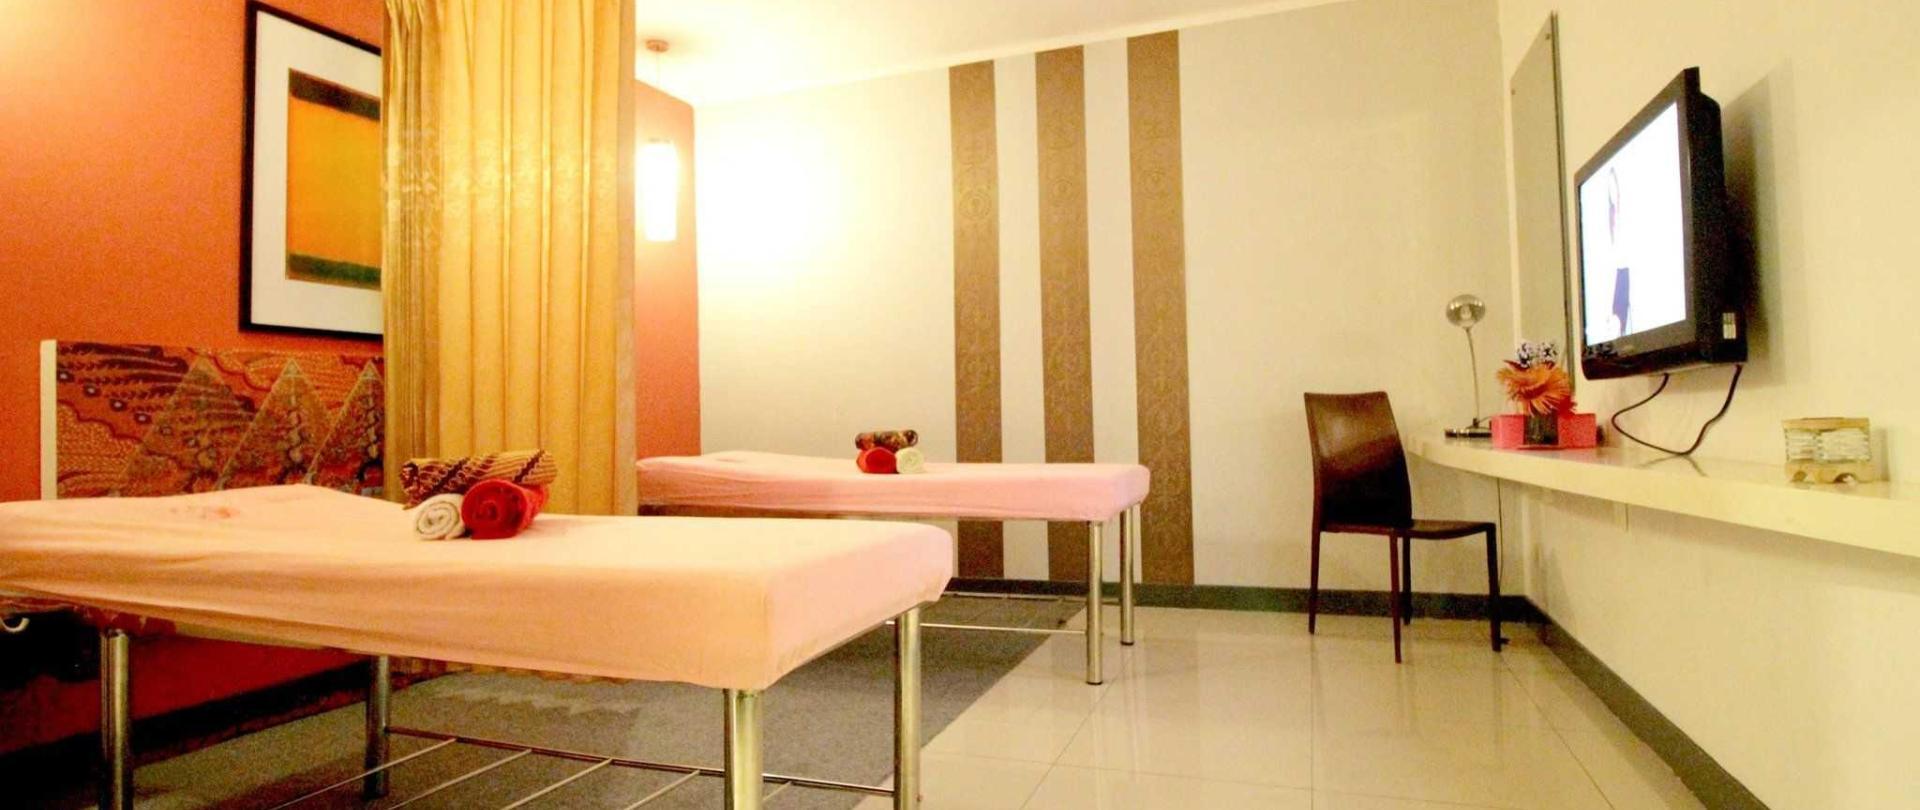 plaza-hotel-glodok-spa-1.jpg